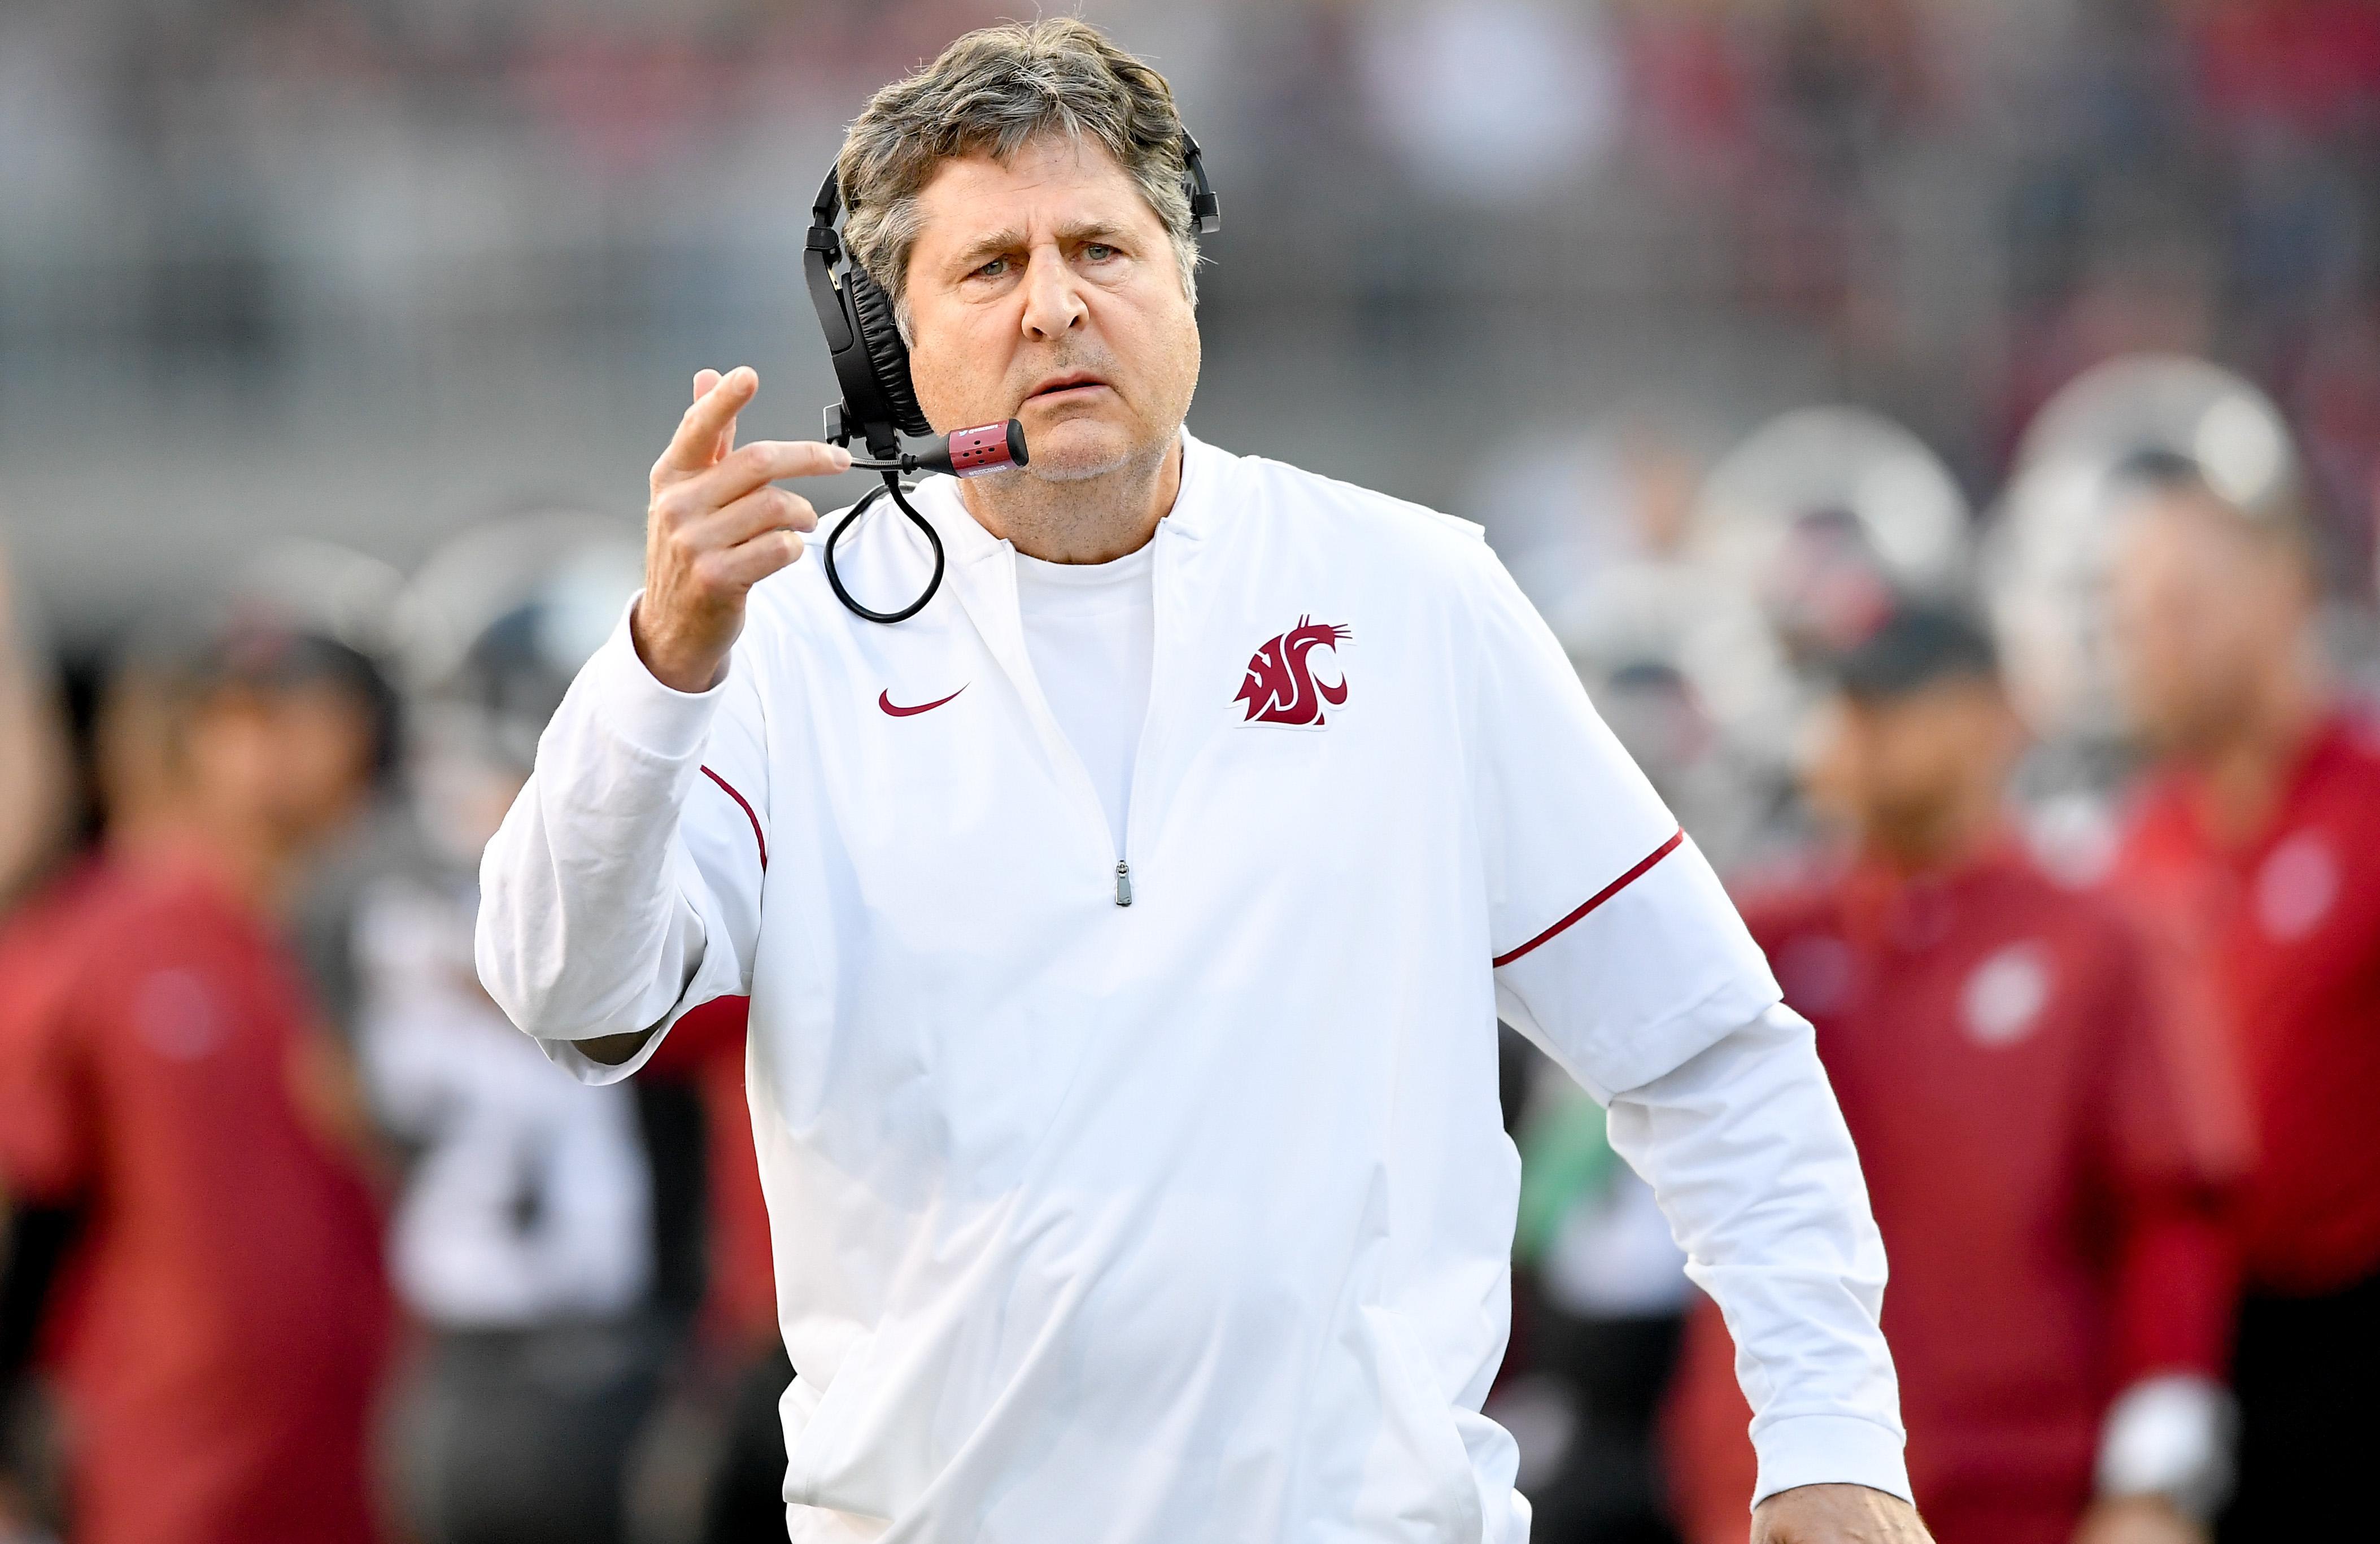 asshole Coach mike leach